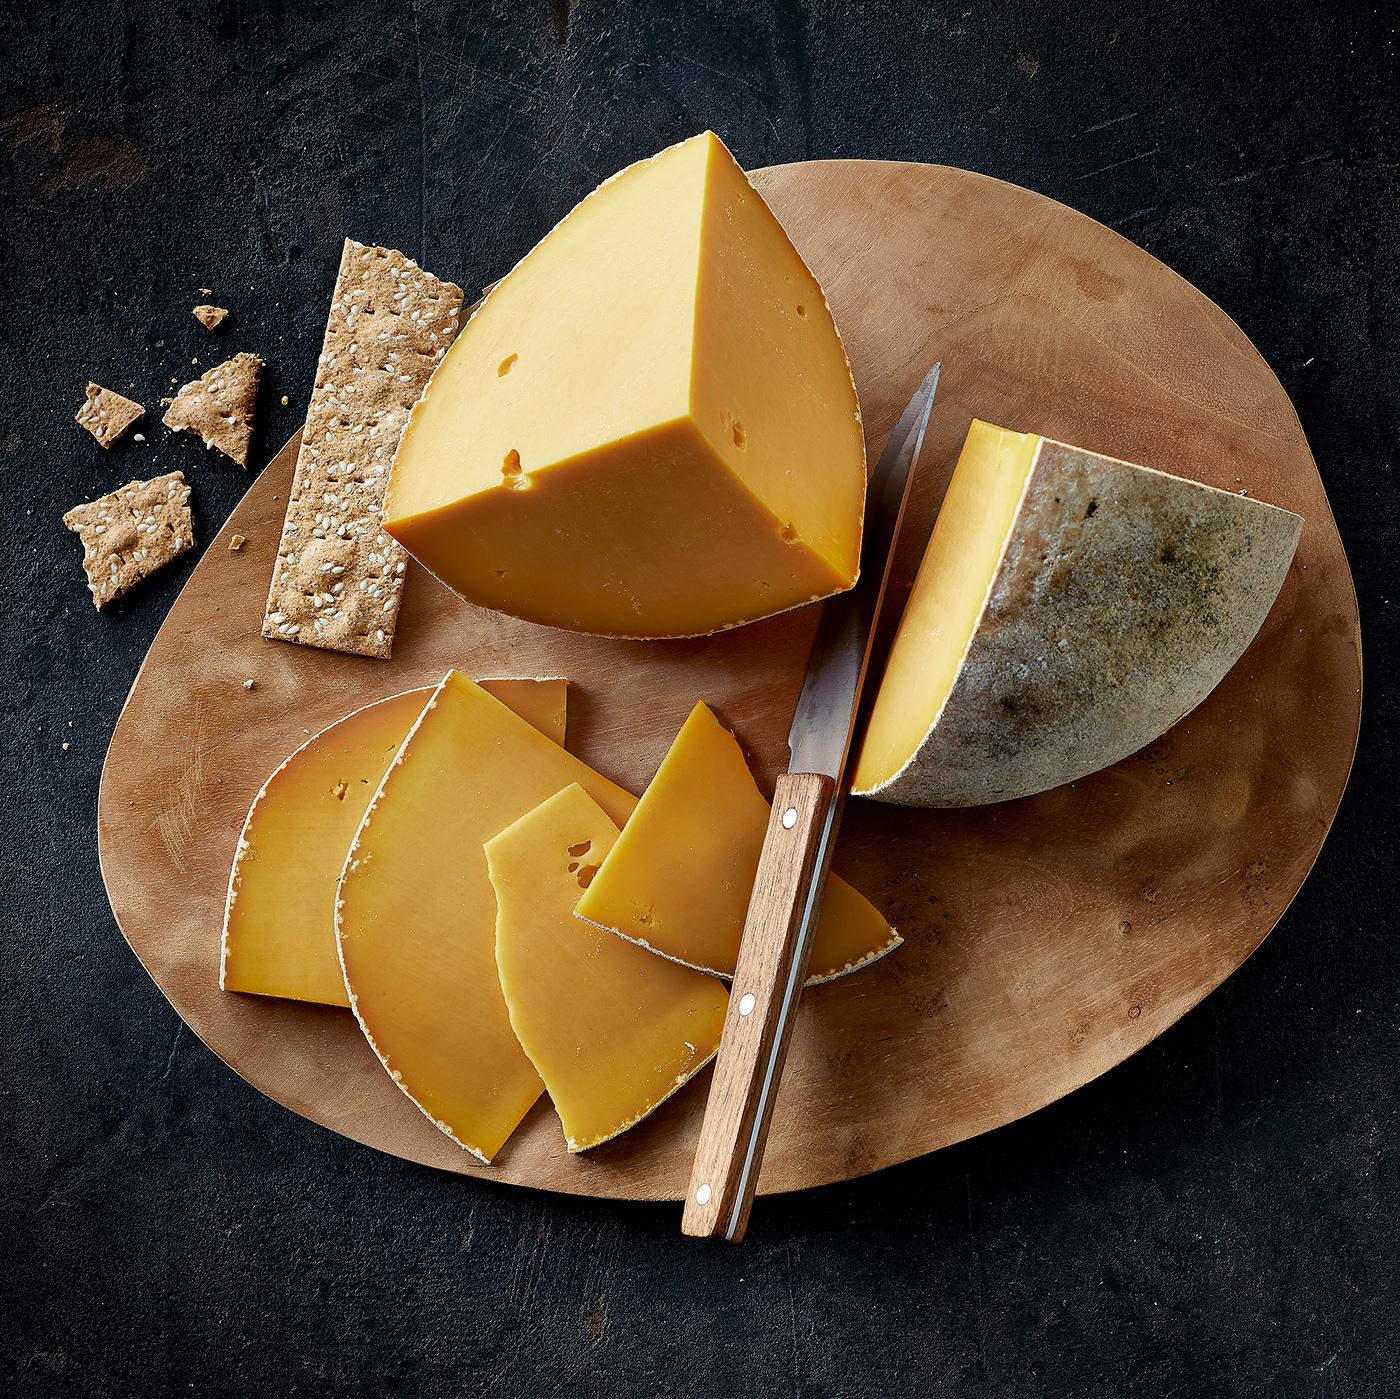 сыр эдам картинка